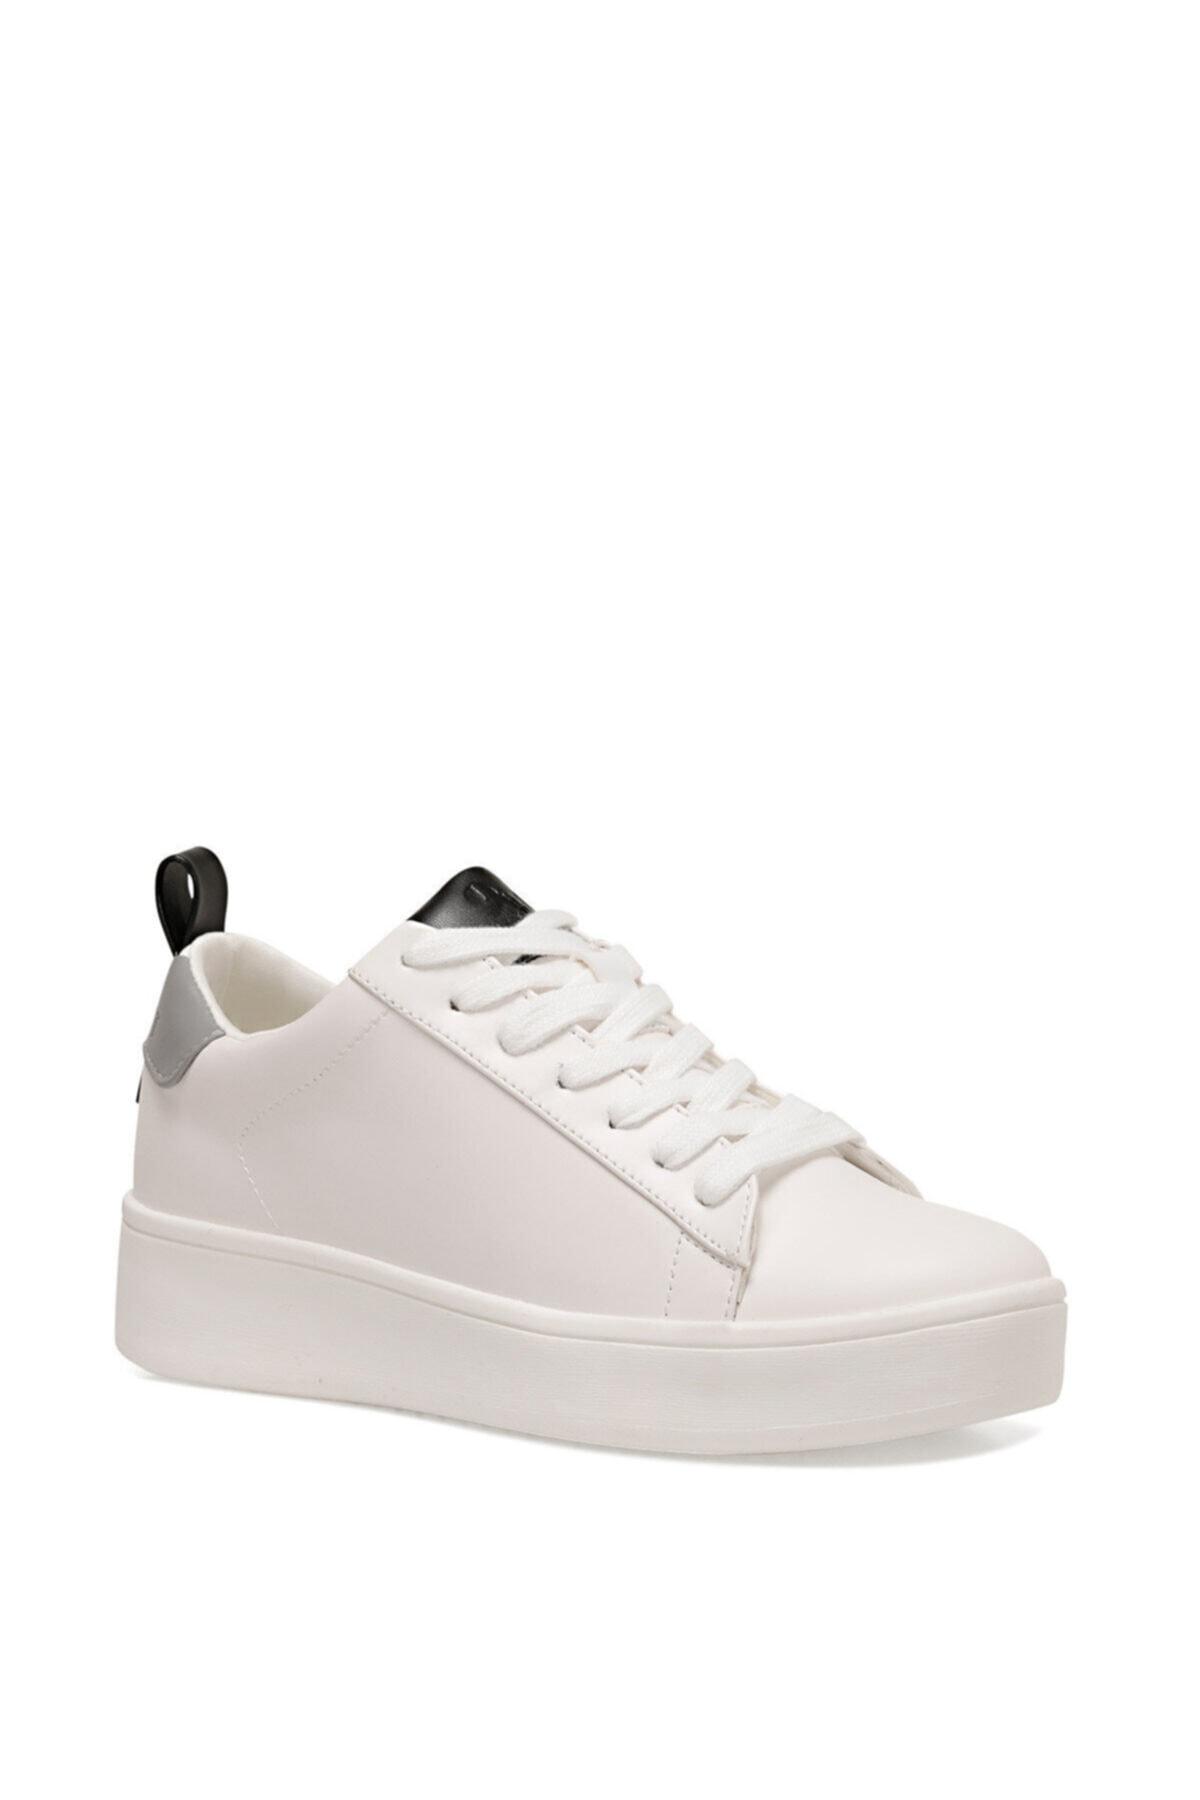 Nine West STENNA Beyaz Kadın Sneaker Ayakkabı 100524845 2